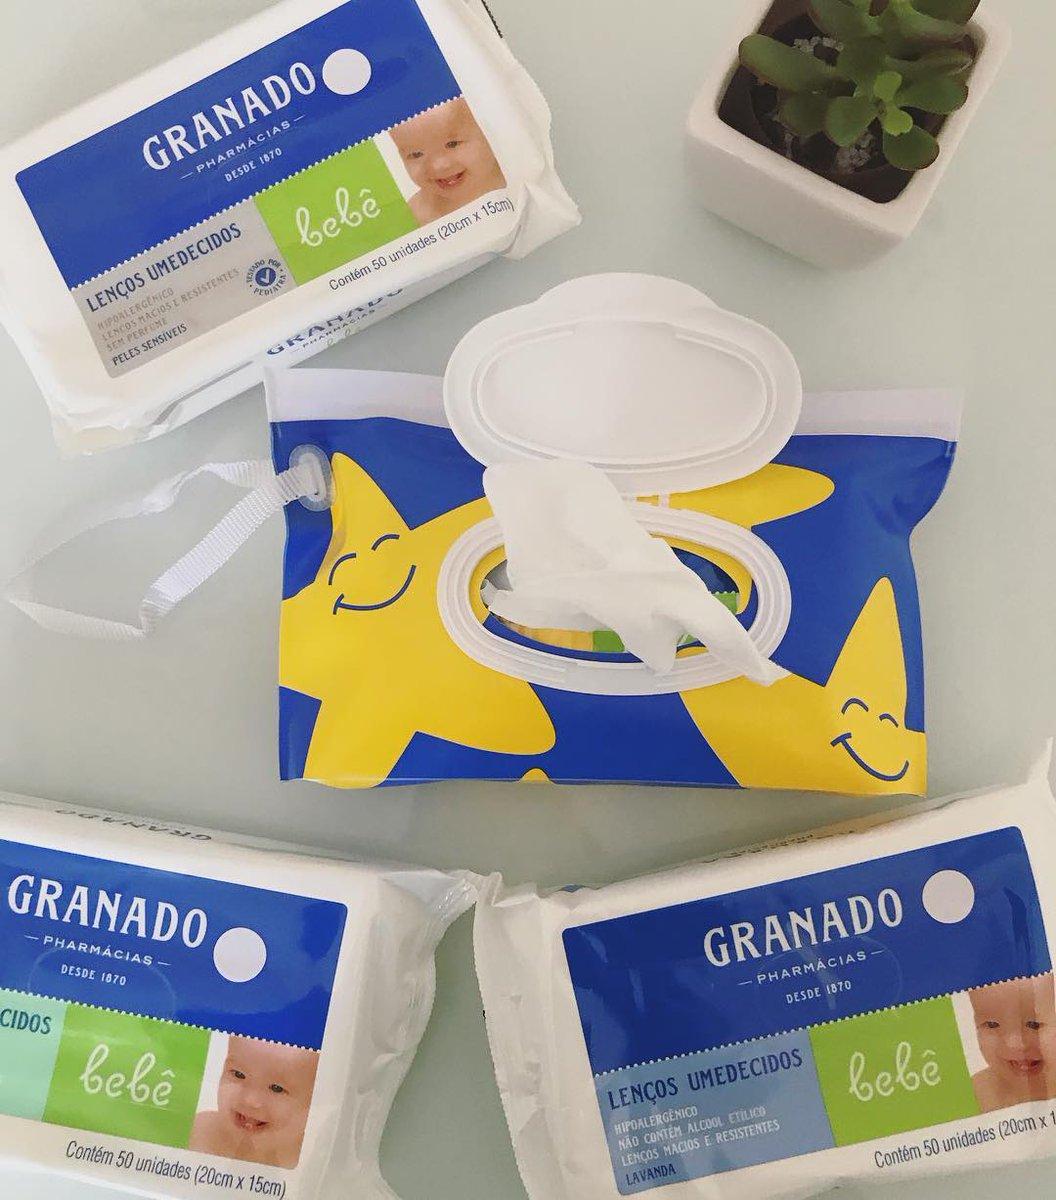 Estamos 😍 pelo novo Kit Porta-Lenços Umedecidos! Ele vem com 4 pacotes de lenços + um porta-lenços exclusivo. Você encontra em uma de nossas lojas, no site (link na foto) ou nas maiores farmácias do Brasil. Compre online: https://t.co/GupsTDkgmk https://t.co/FlmpFJEXJP